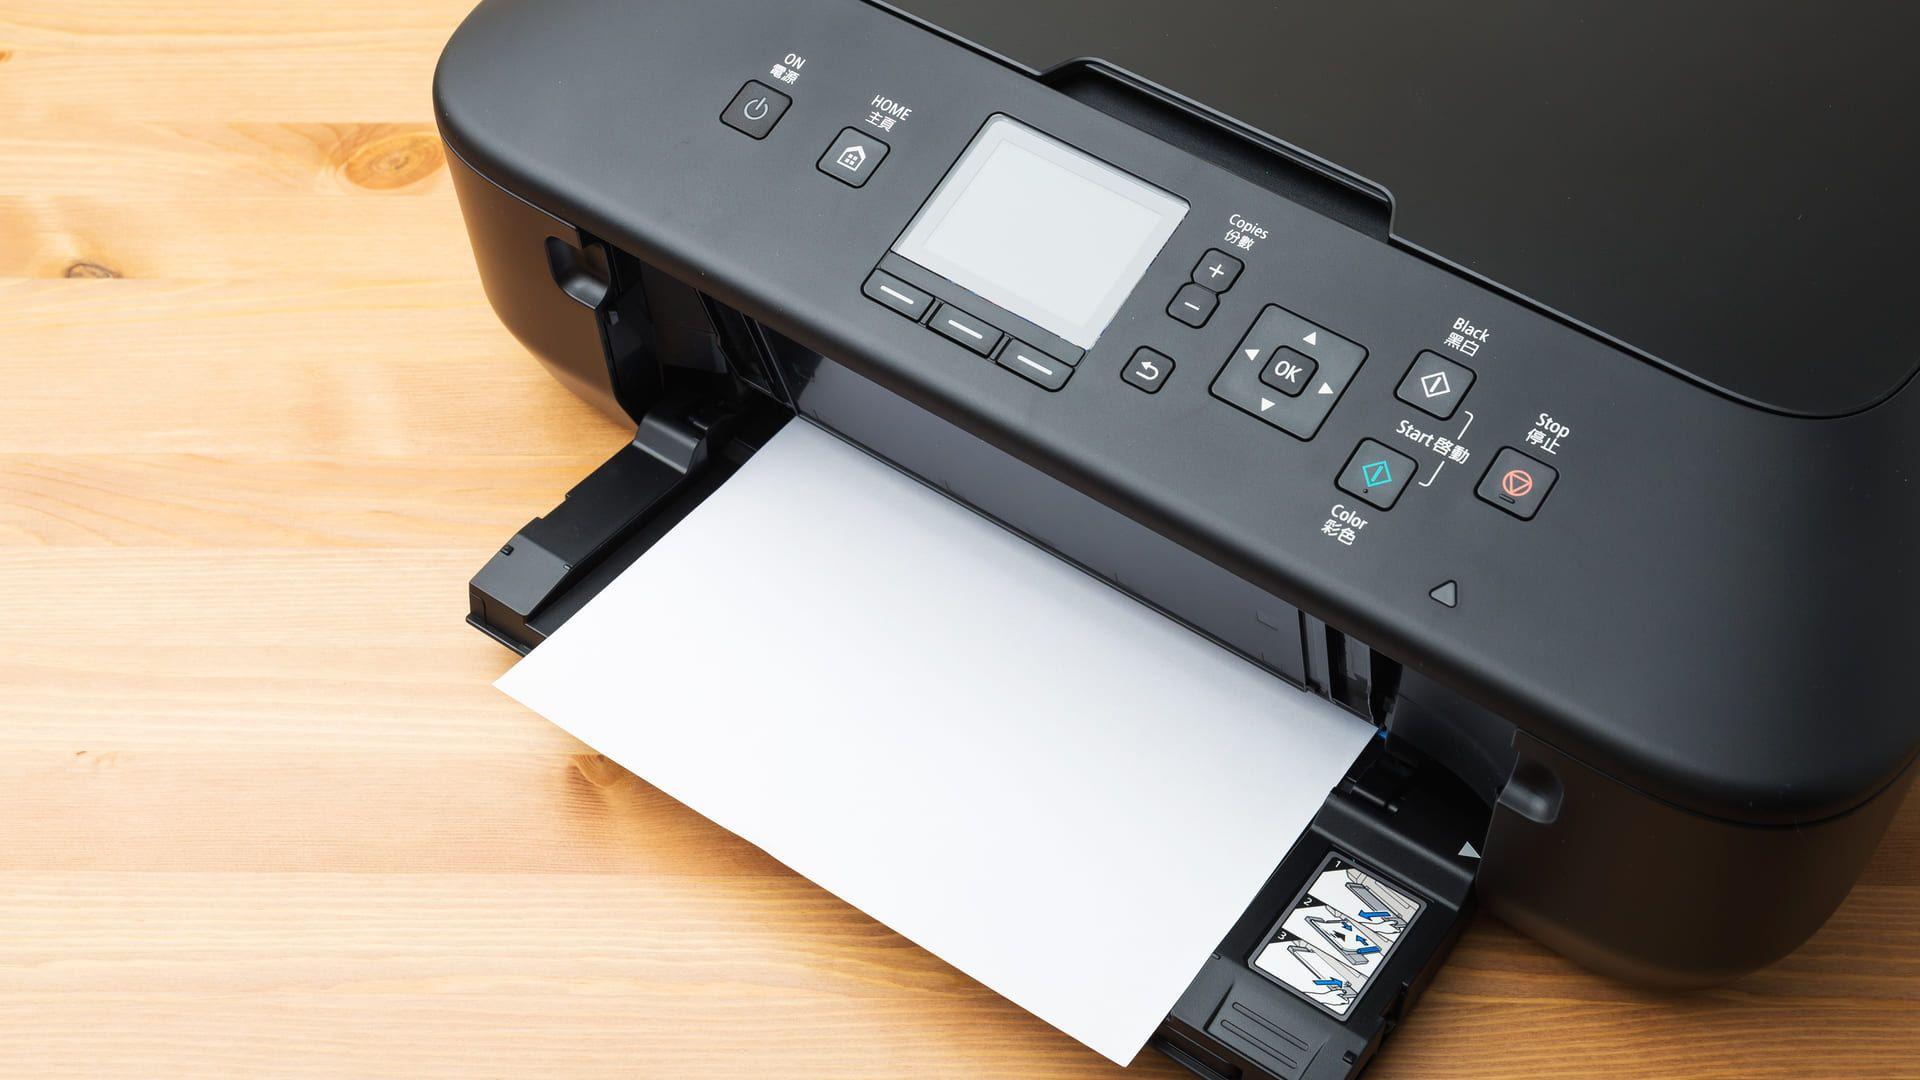 Confira a seleção com os melhores modelos de impressora jato de tinta (leungchopan/Shutterstock)